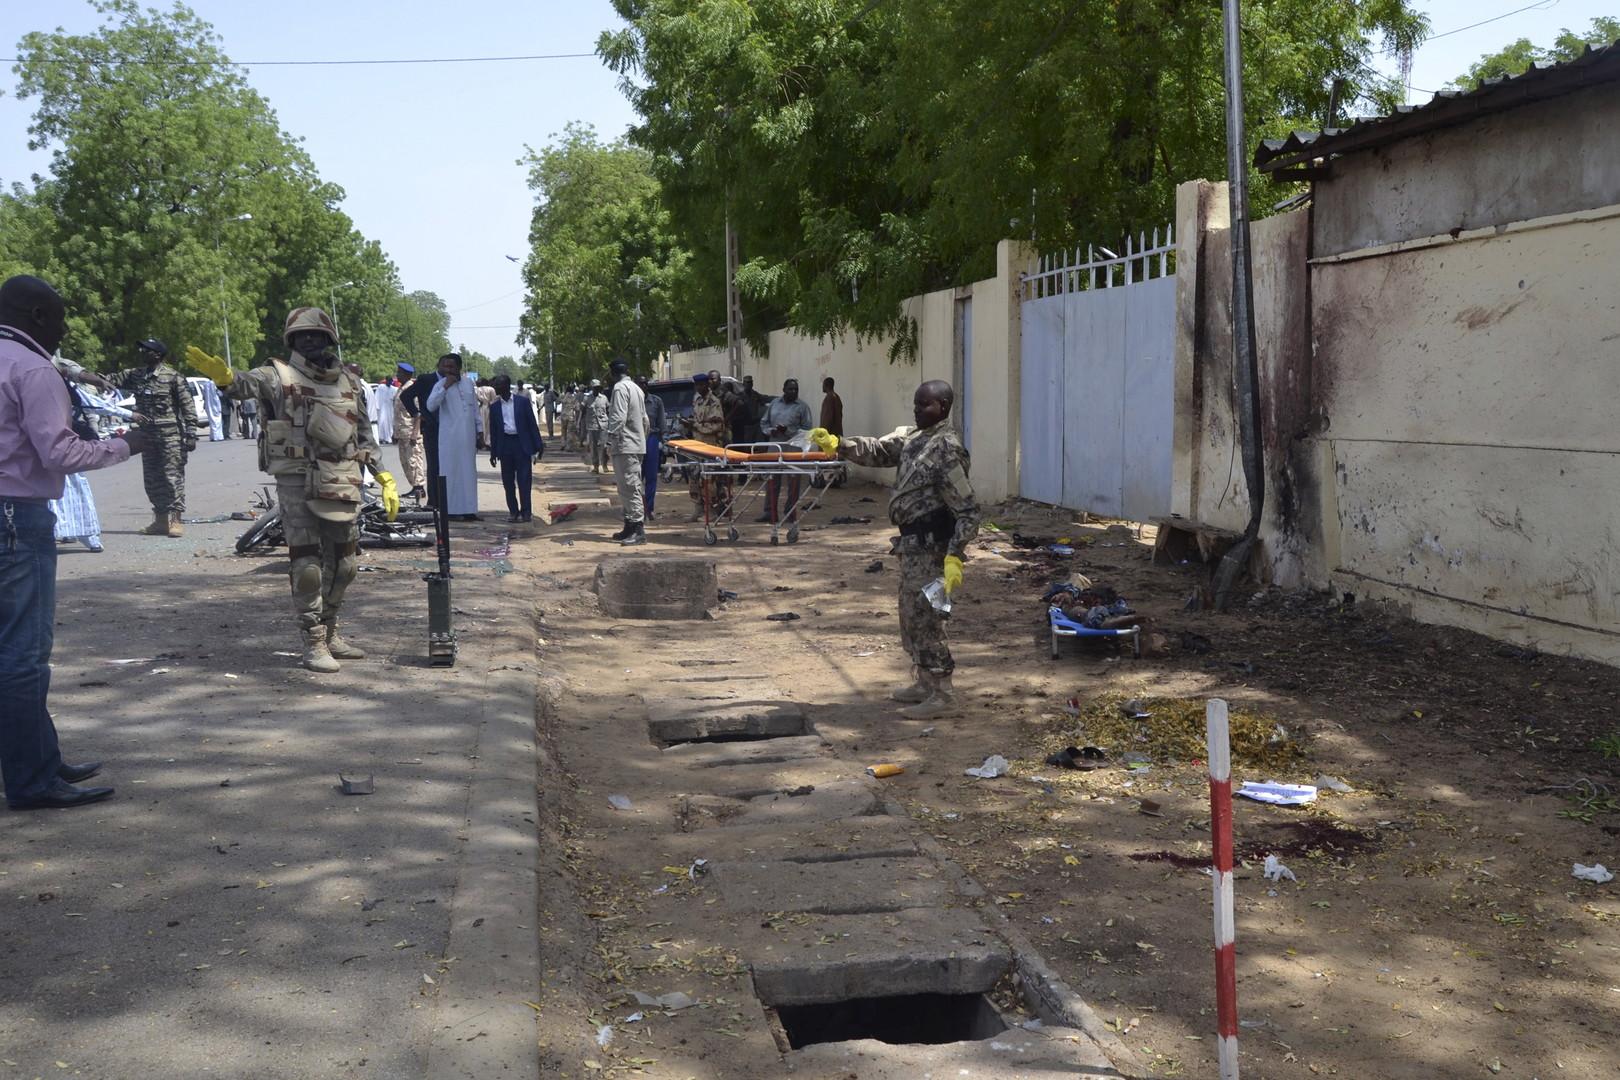 Le port de la burqa interdit au Tchad, trois jours après les attentats